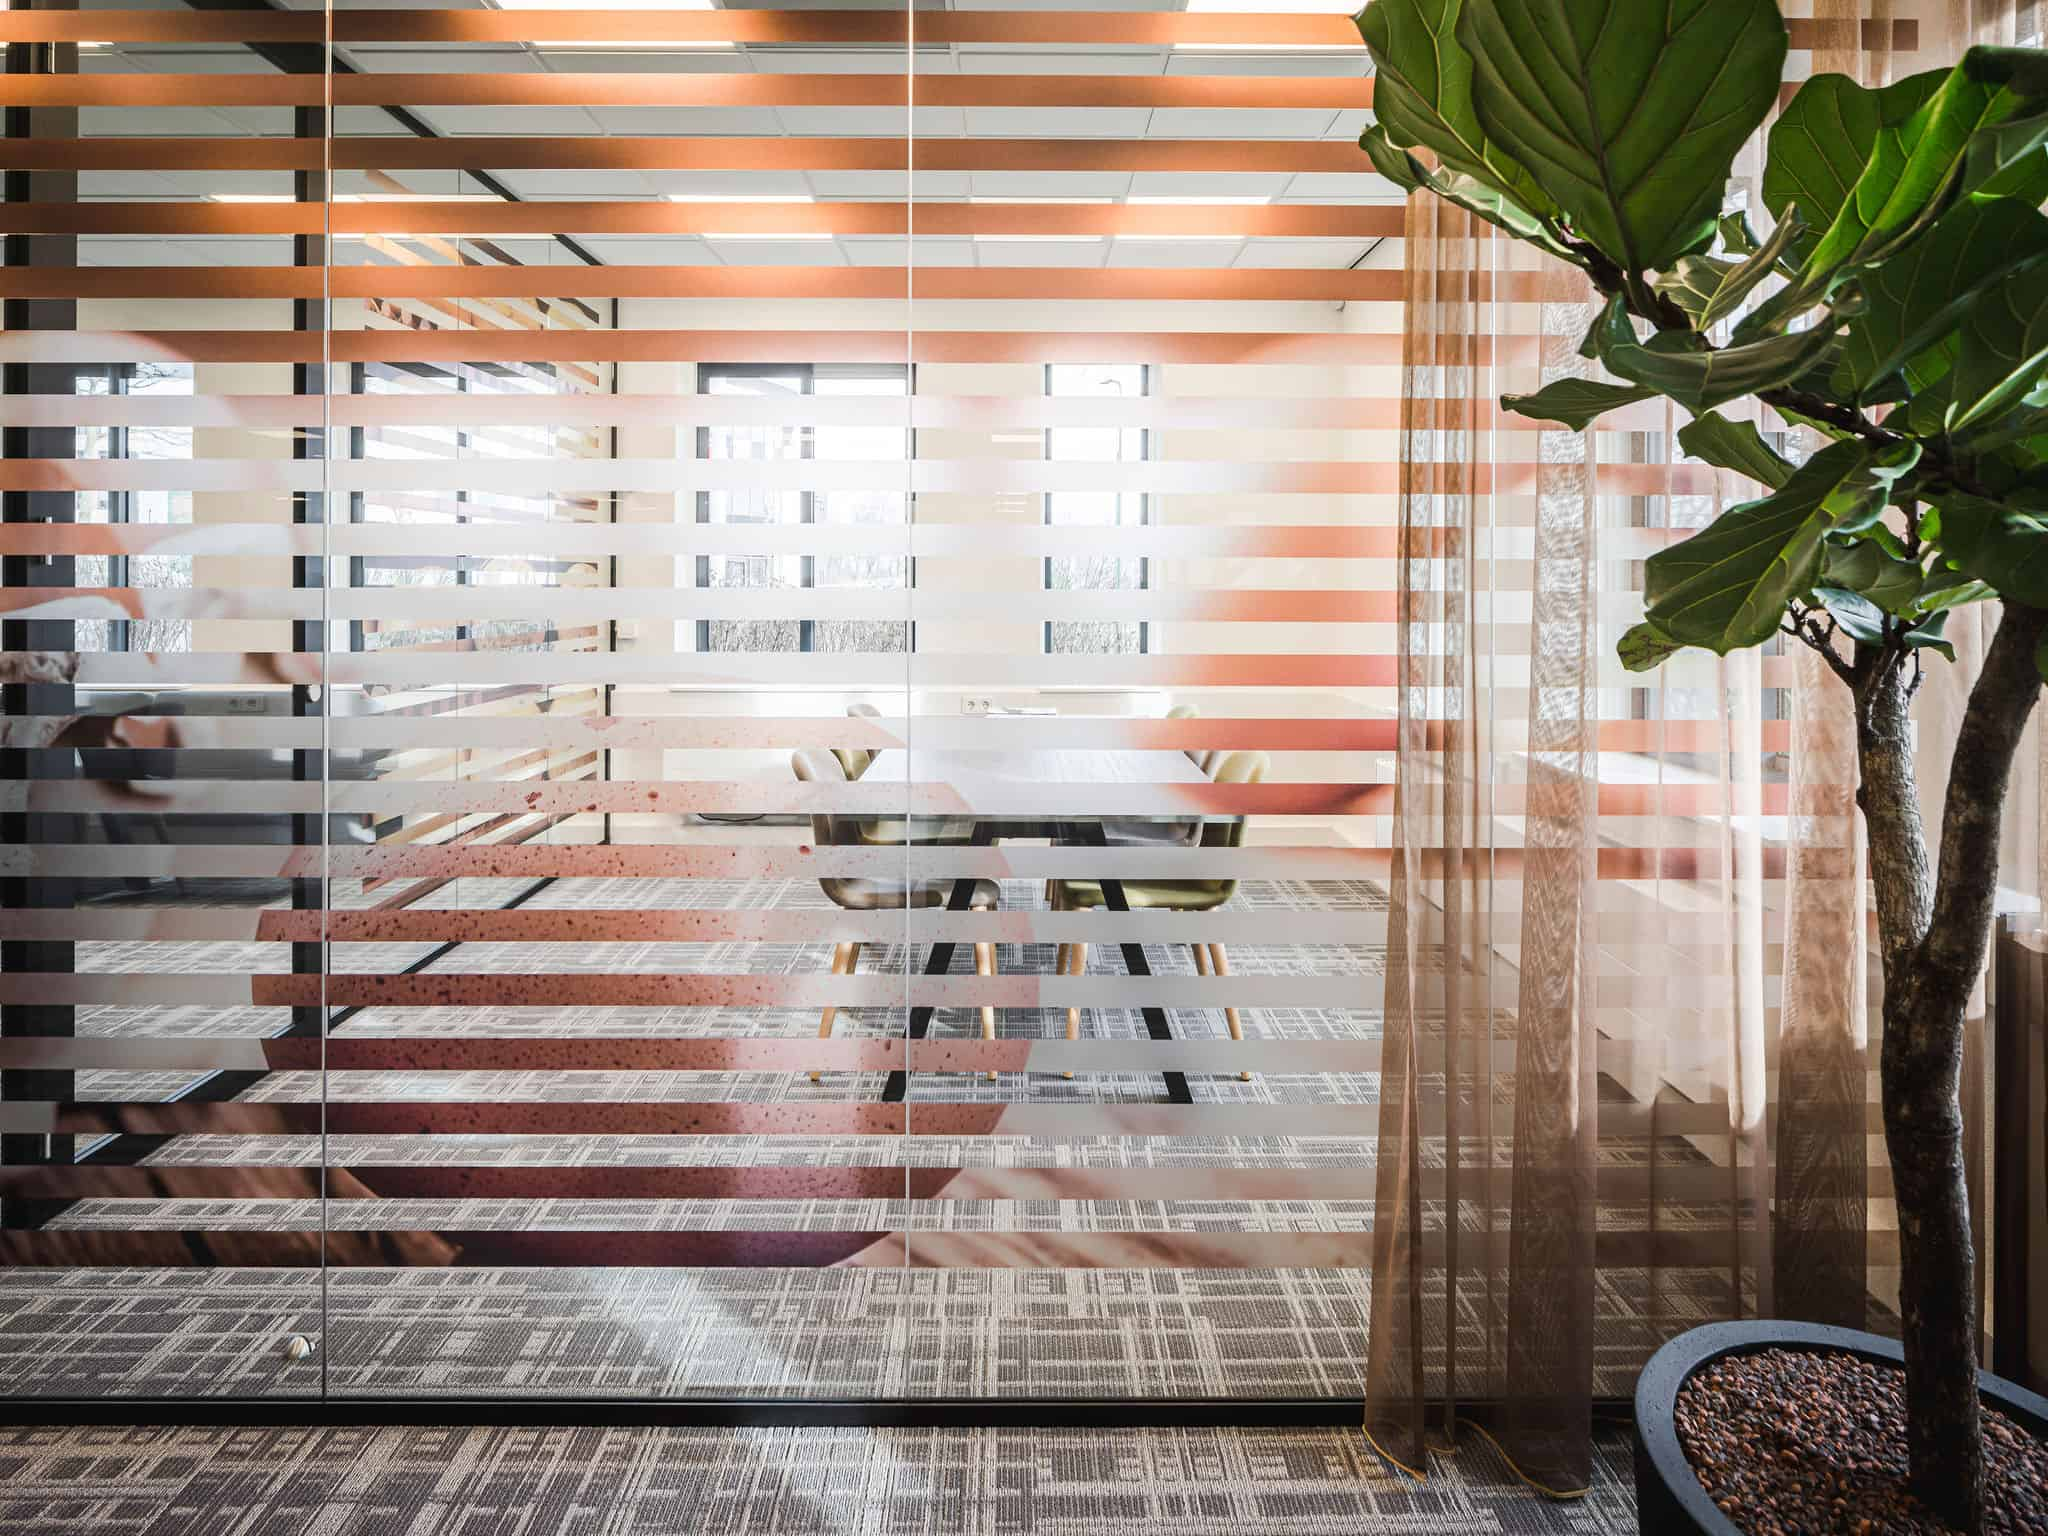 binnenhuisarchitect Wildenberg ontwerp COKZ vergaderruimte Forbo Meinema, Planeffect